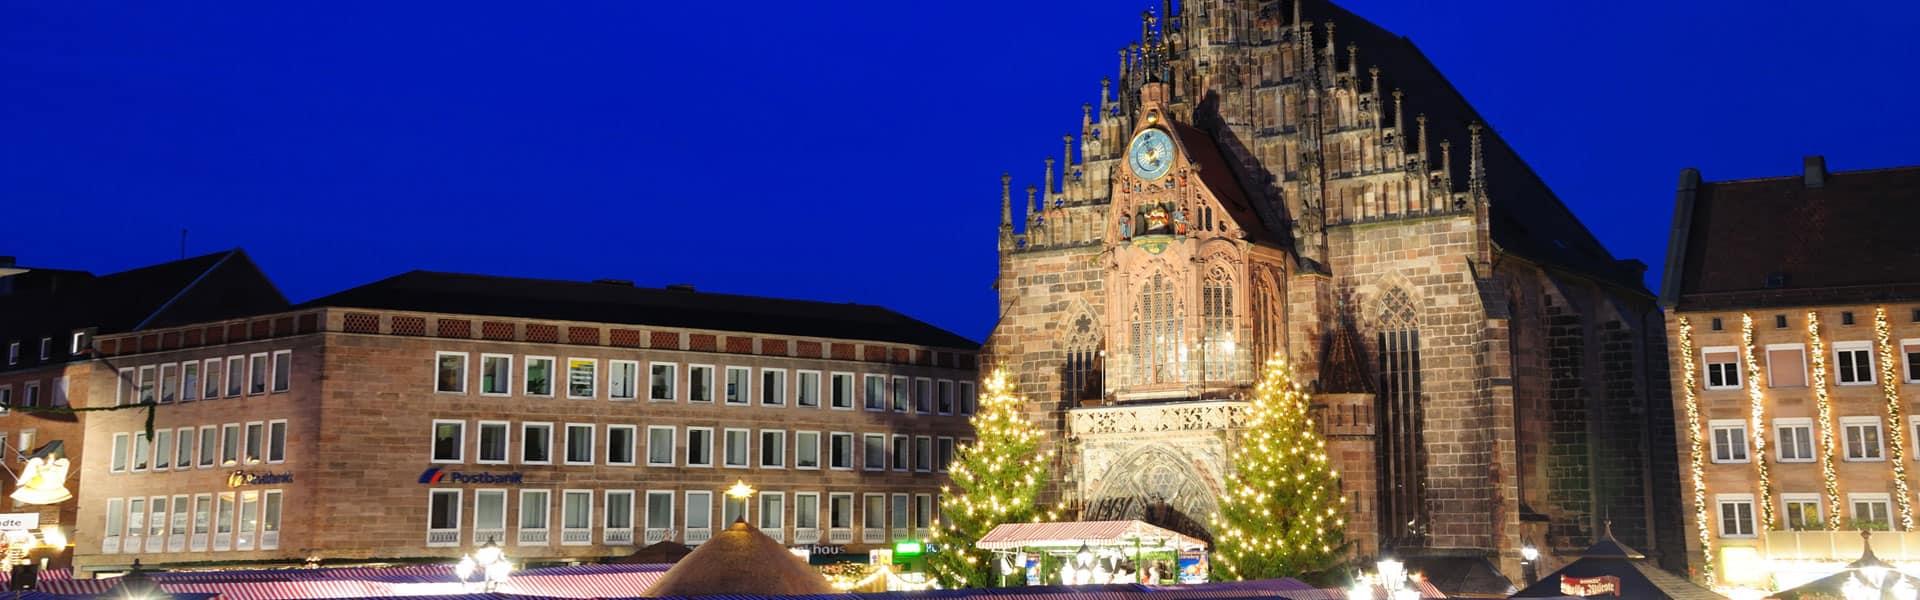 öffnungszeiten Dortmunder Weihnachtsmarkt.Weihnachtsmarkt Dortmund Mit Dem Größten Weihnachtsbaum